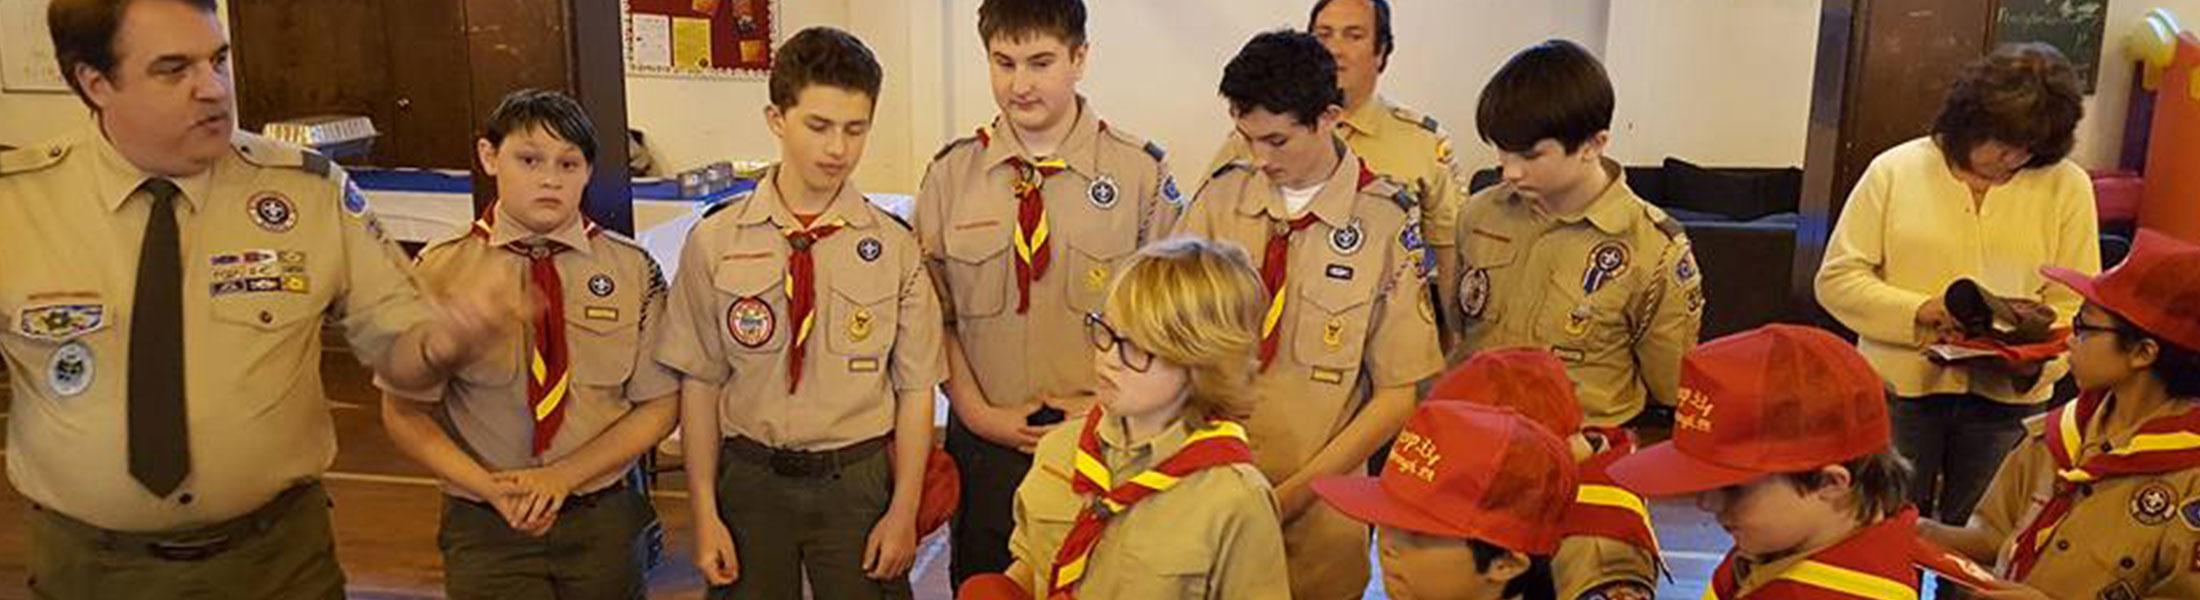 334_Boy-Scouts7